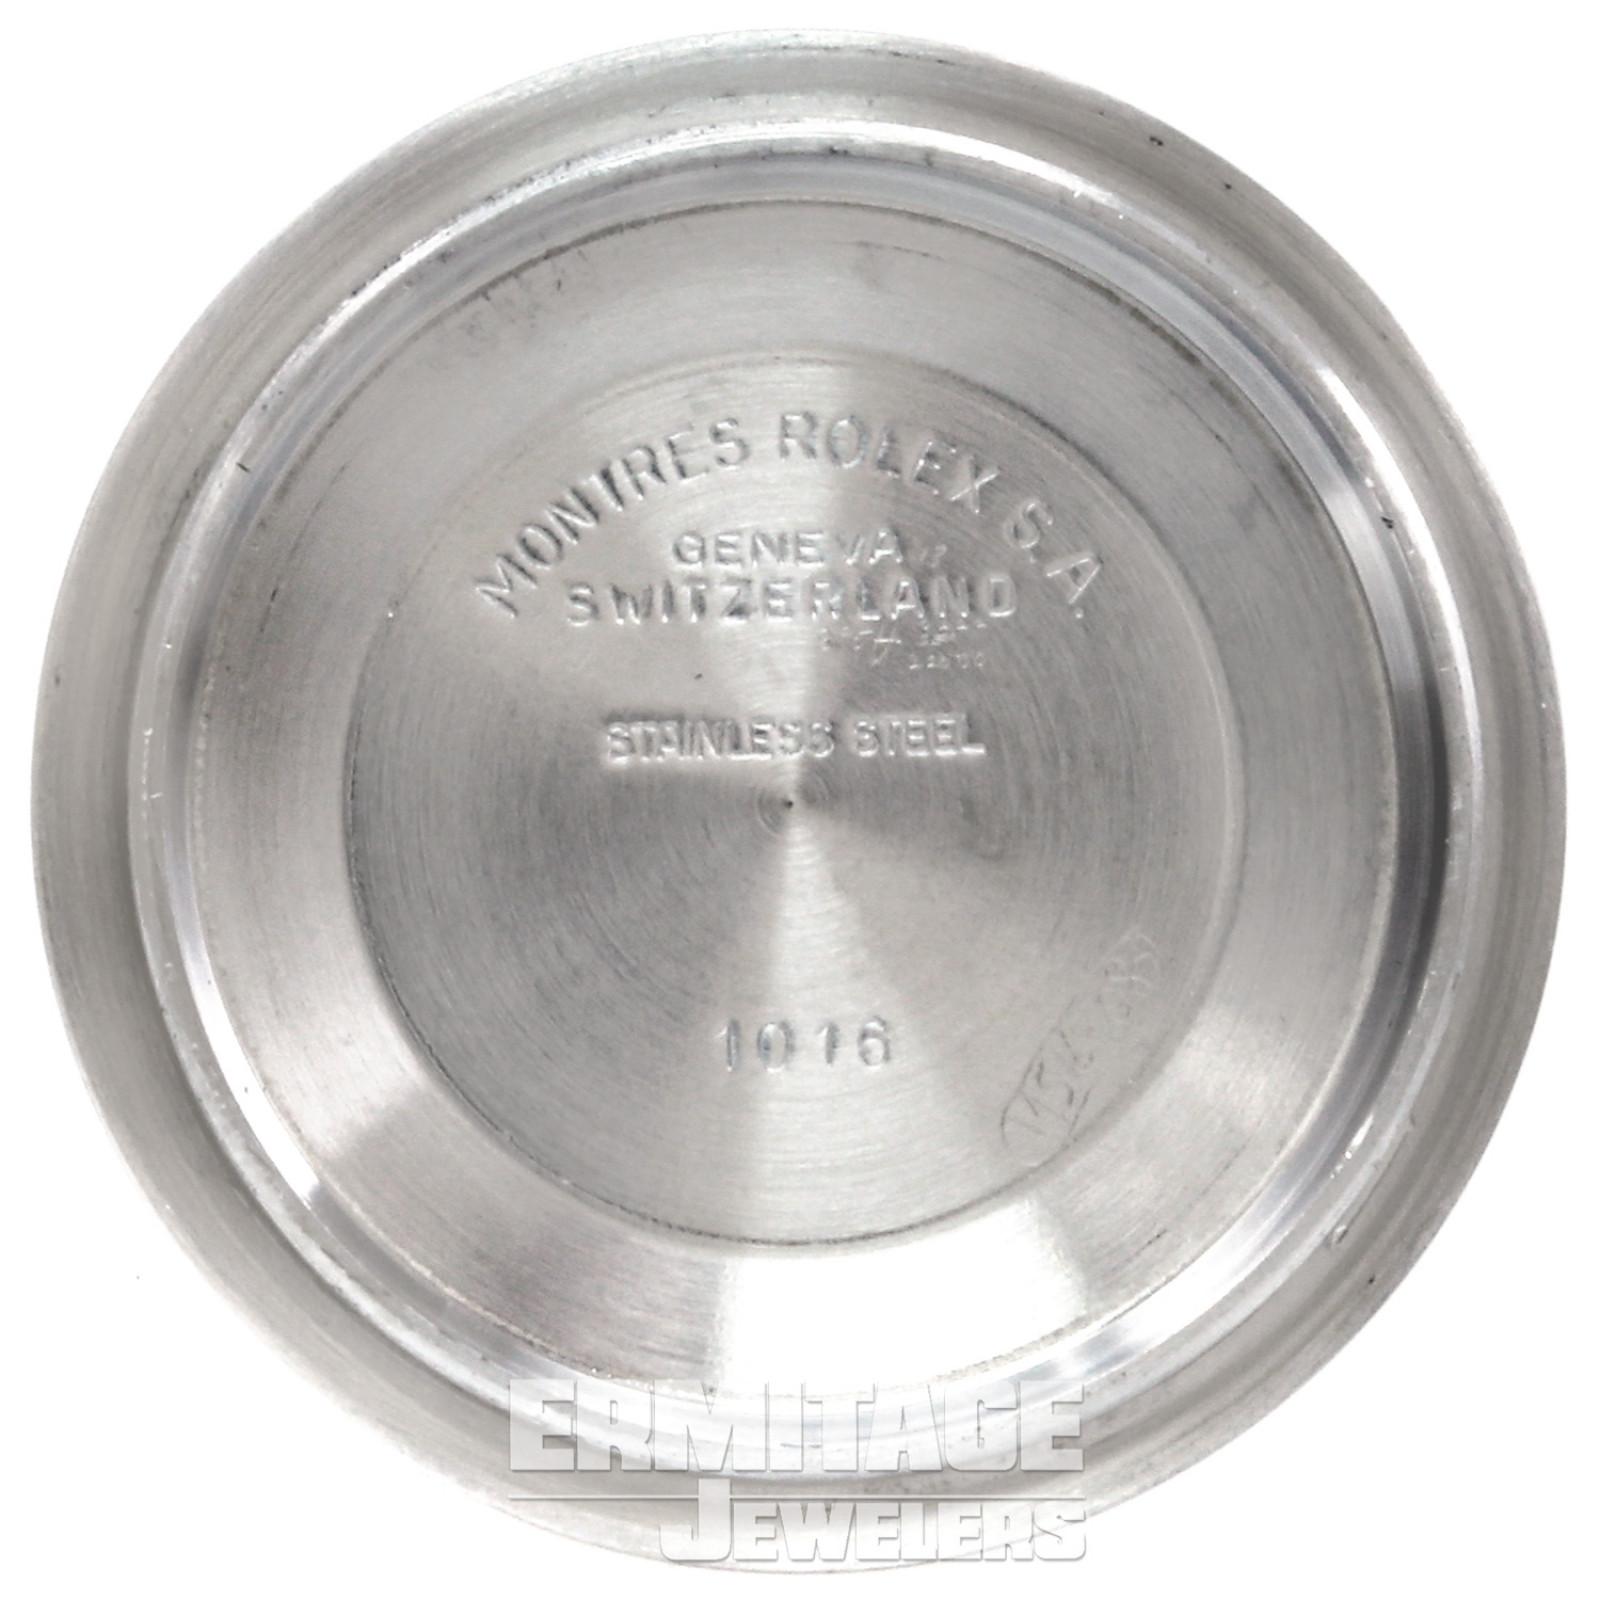 Vintage Rolex 1016 36 mm Steel on Oyster